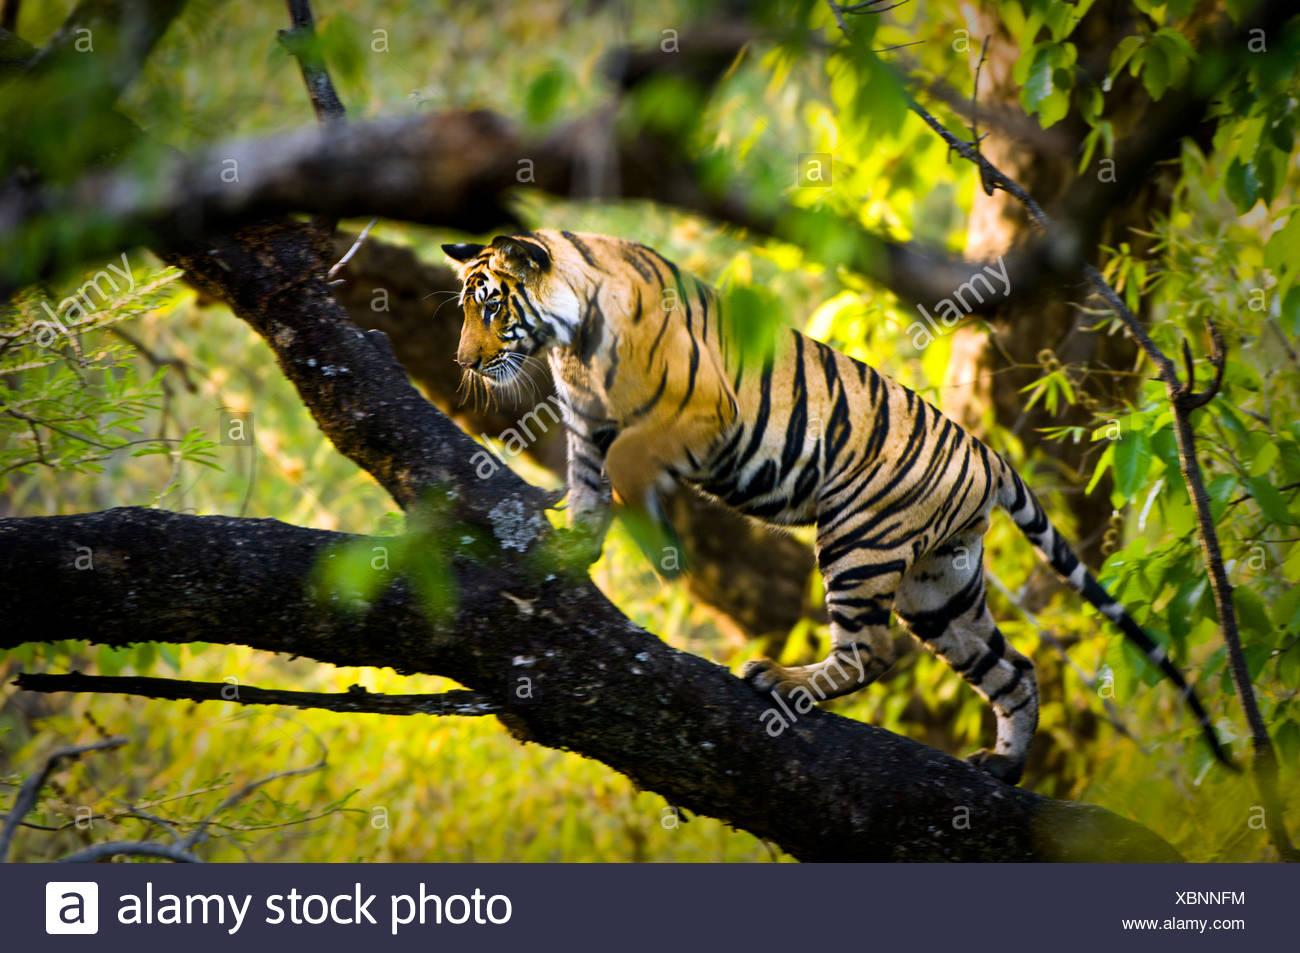 Jugendliche männliche Königstiger (ca. 15 Monate) einen Baum zu klettern. Bandhavgarh NP, Madhya Pradesh, Indien. Stockbild